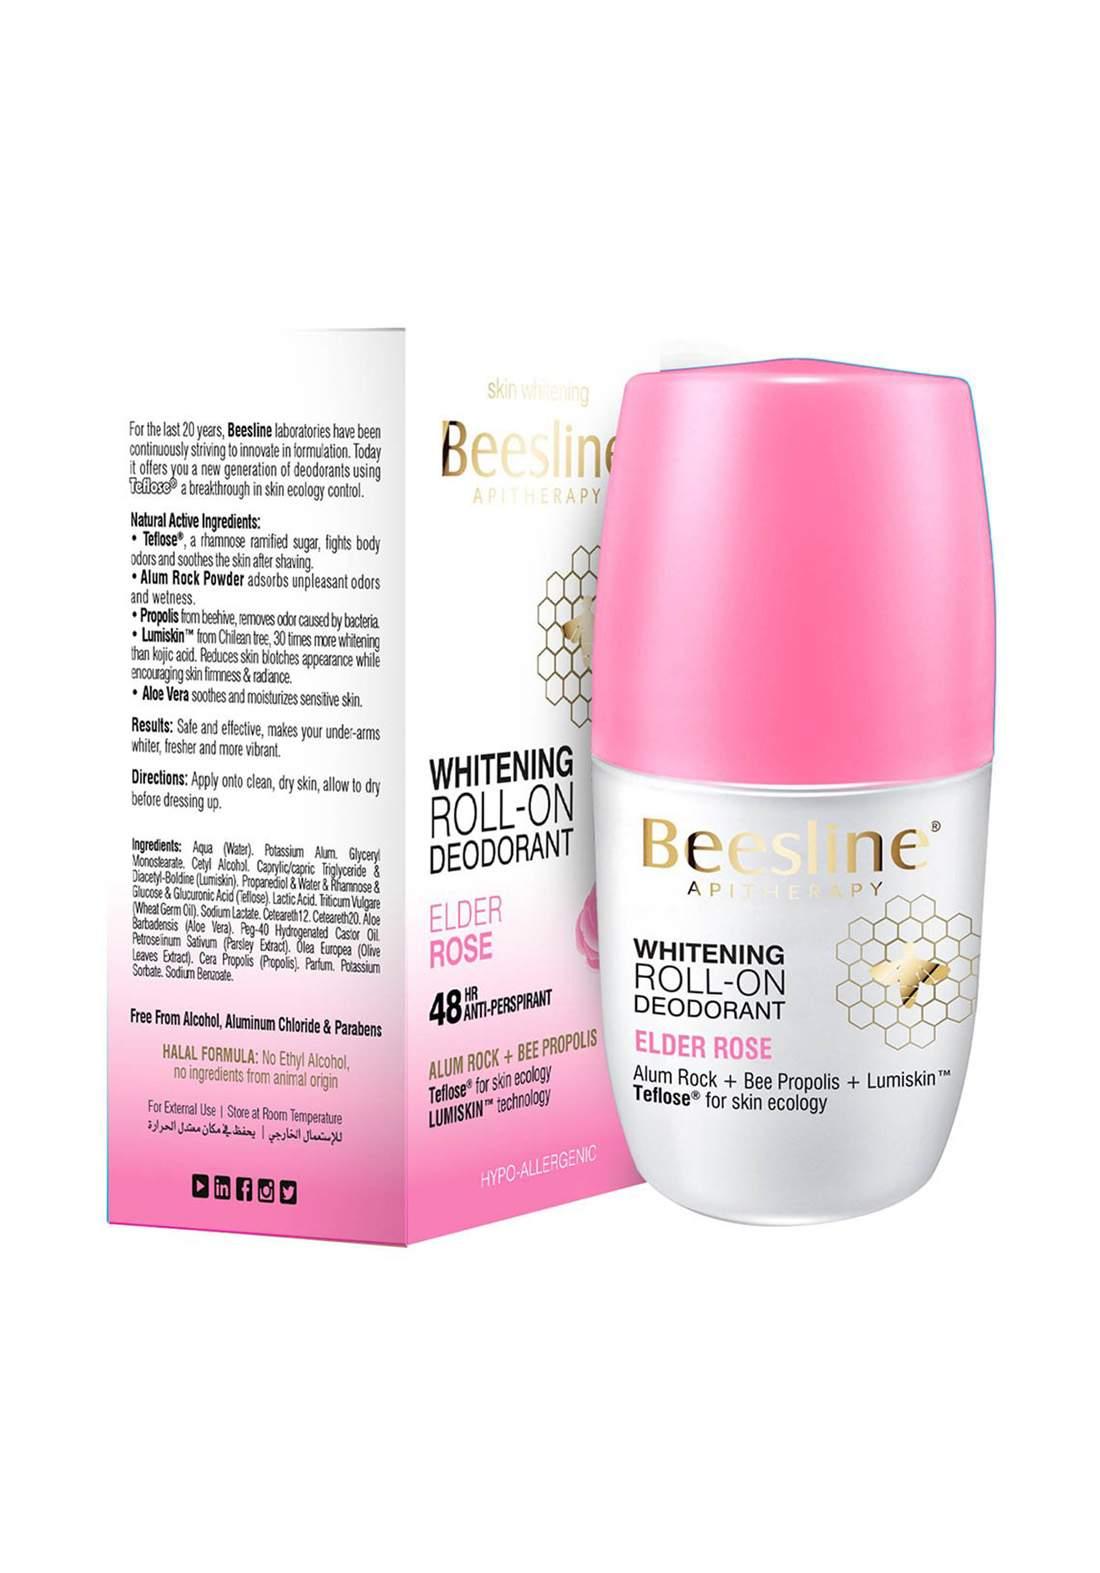 Beesline Skin whitening Roll On The Smell Remover Rose Fragrance, 50ml مزيل العرق